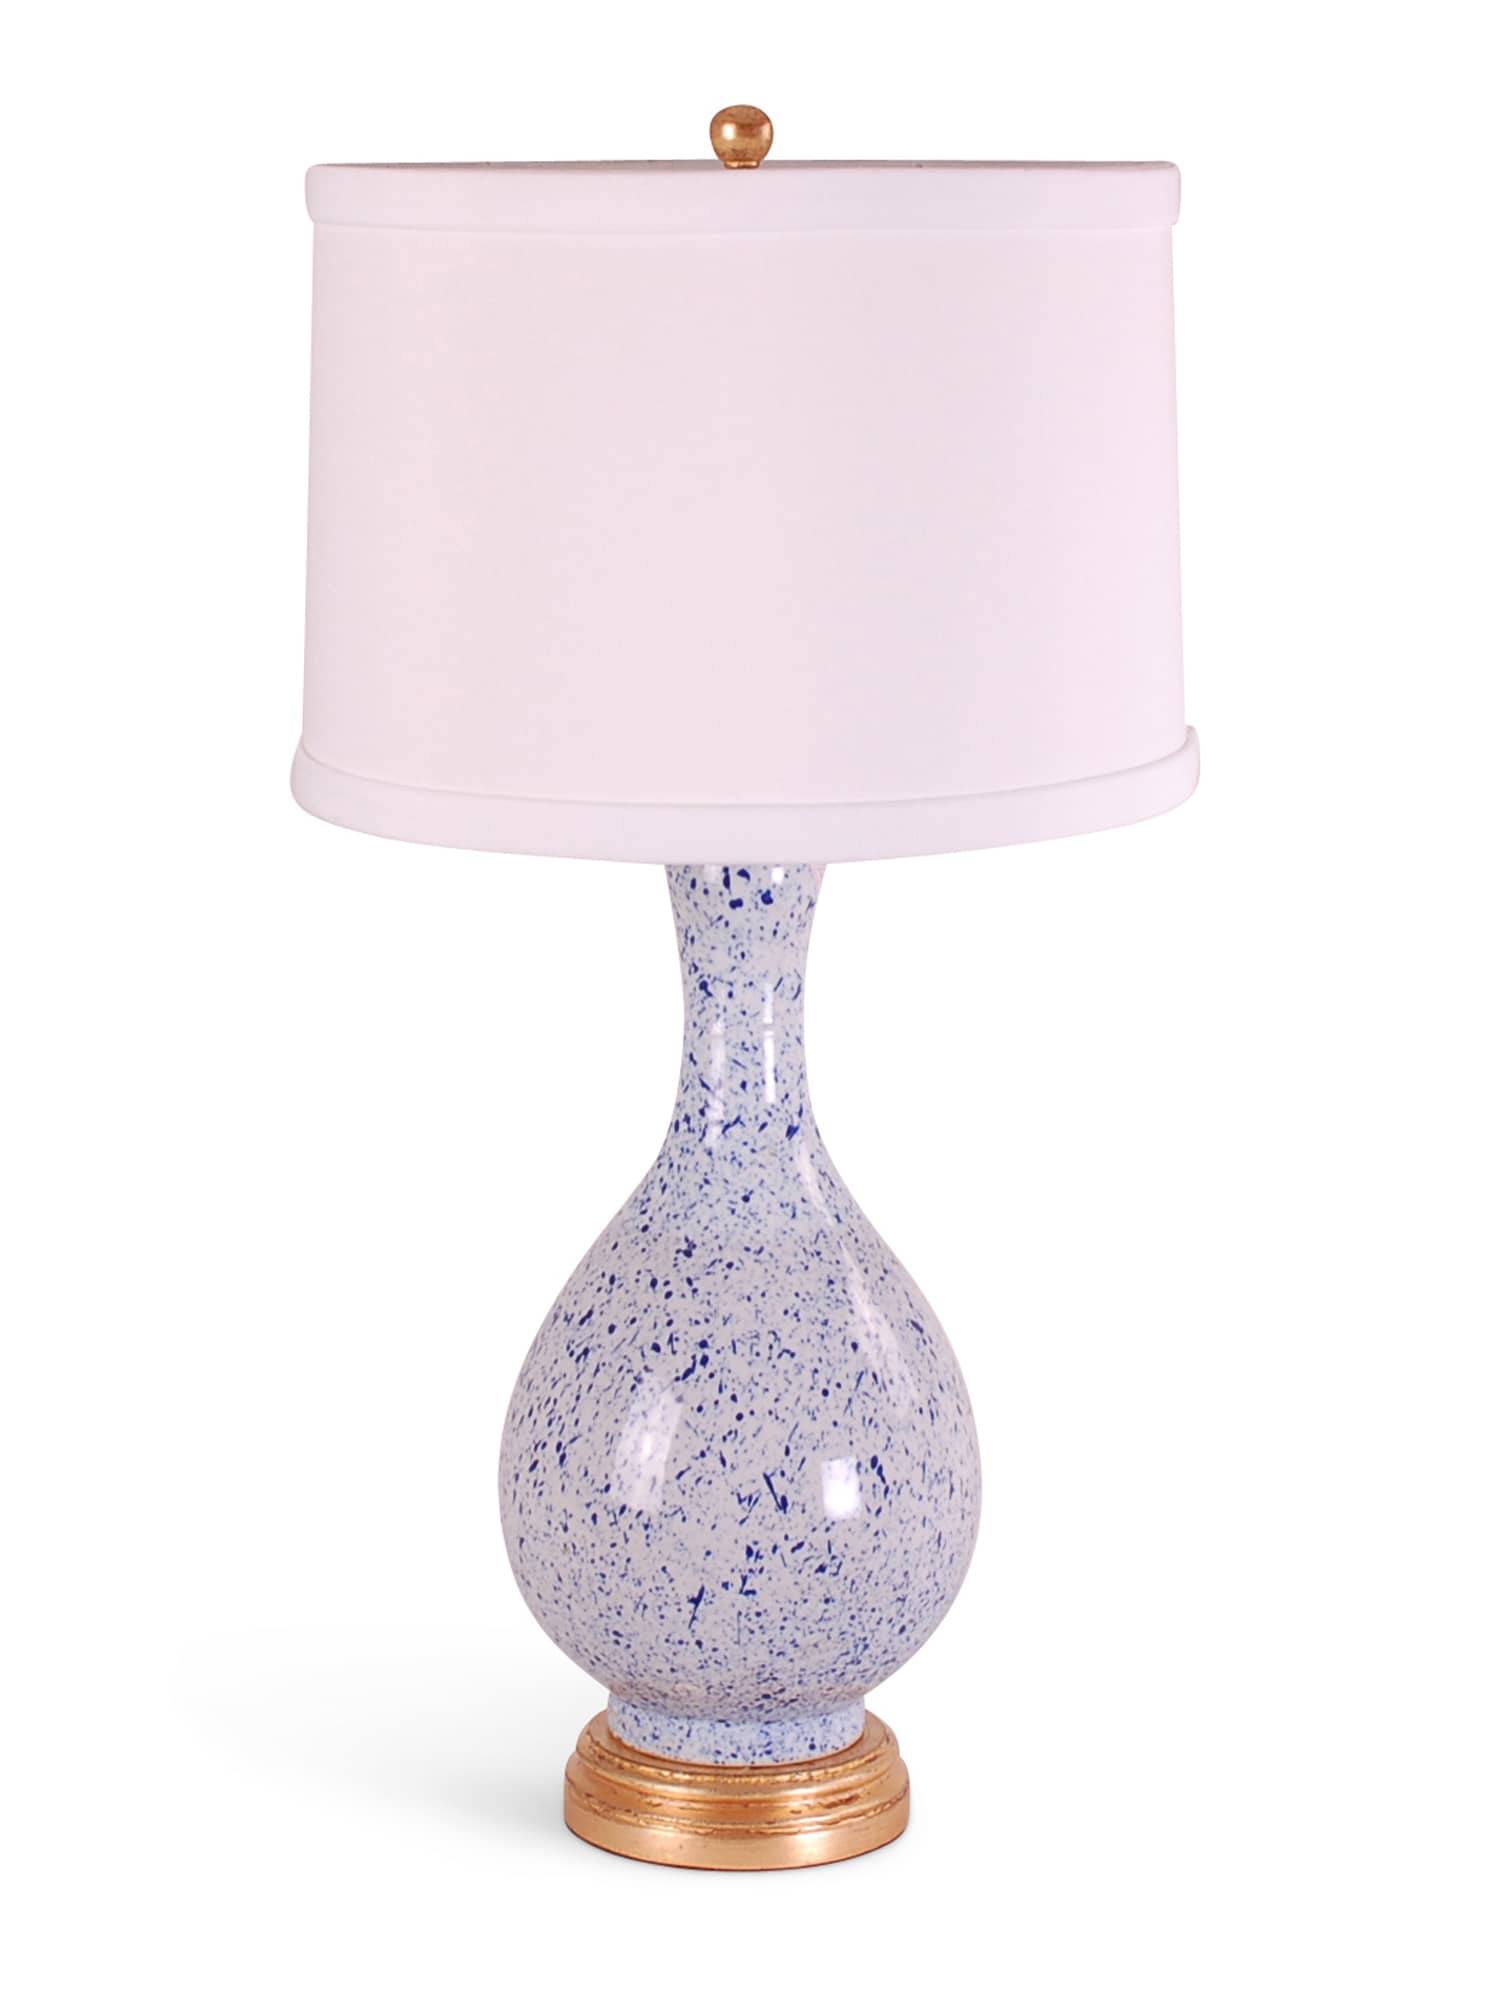 Light Blue Splatterware Gourd Lamp